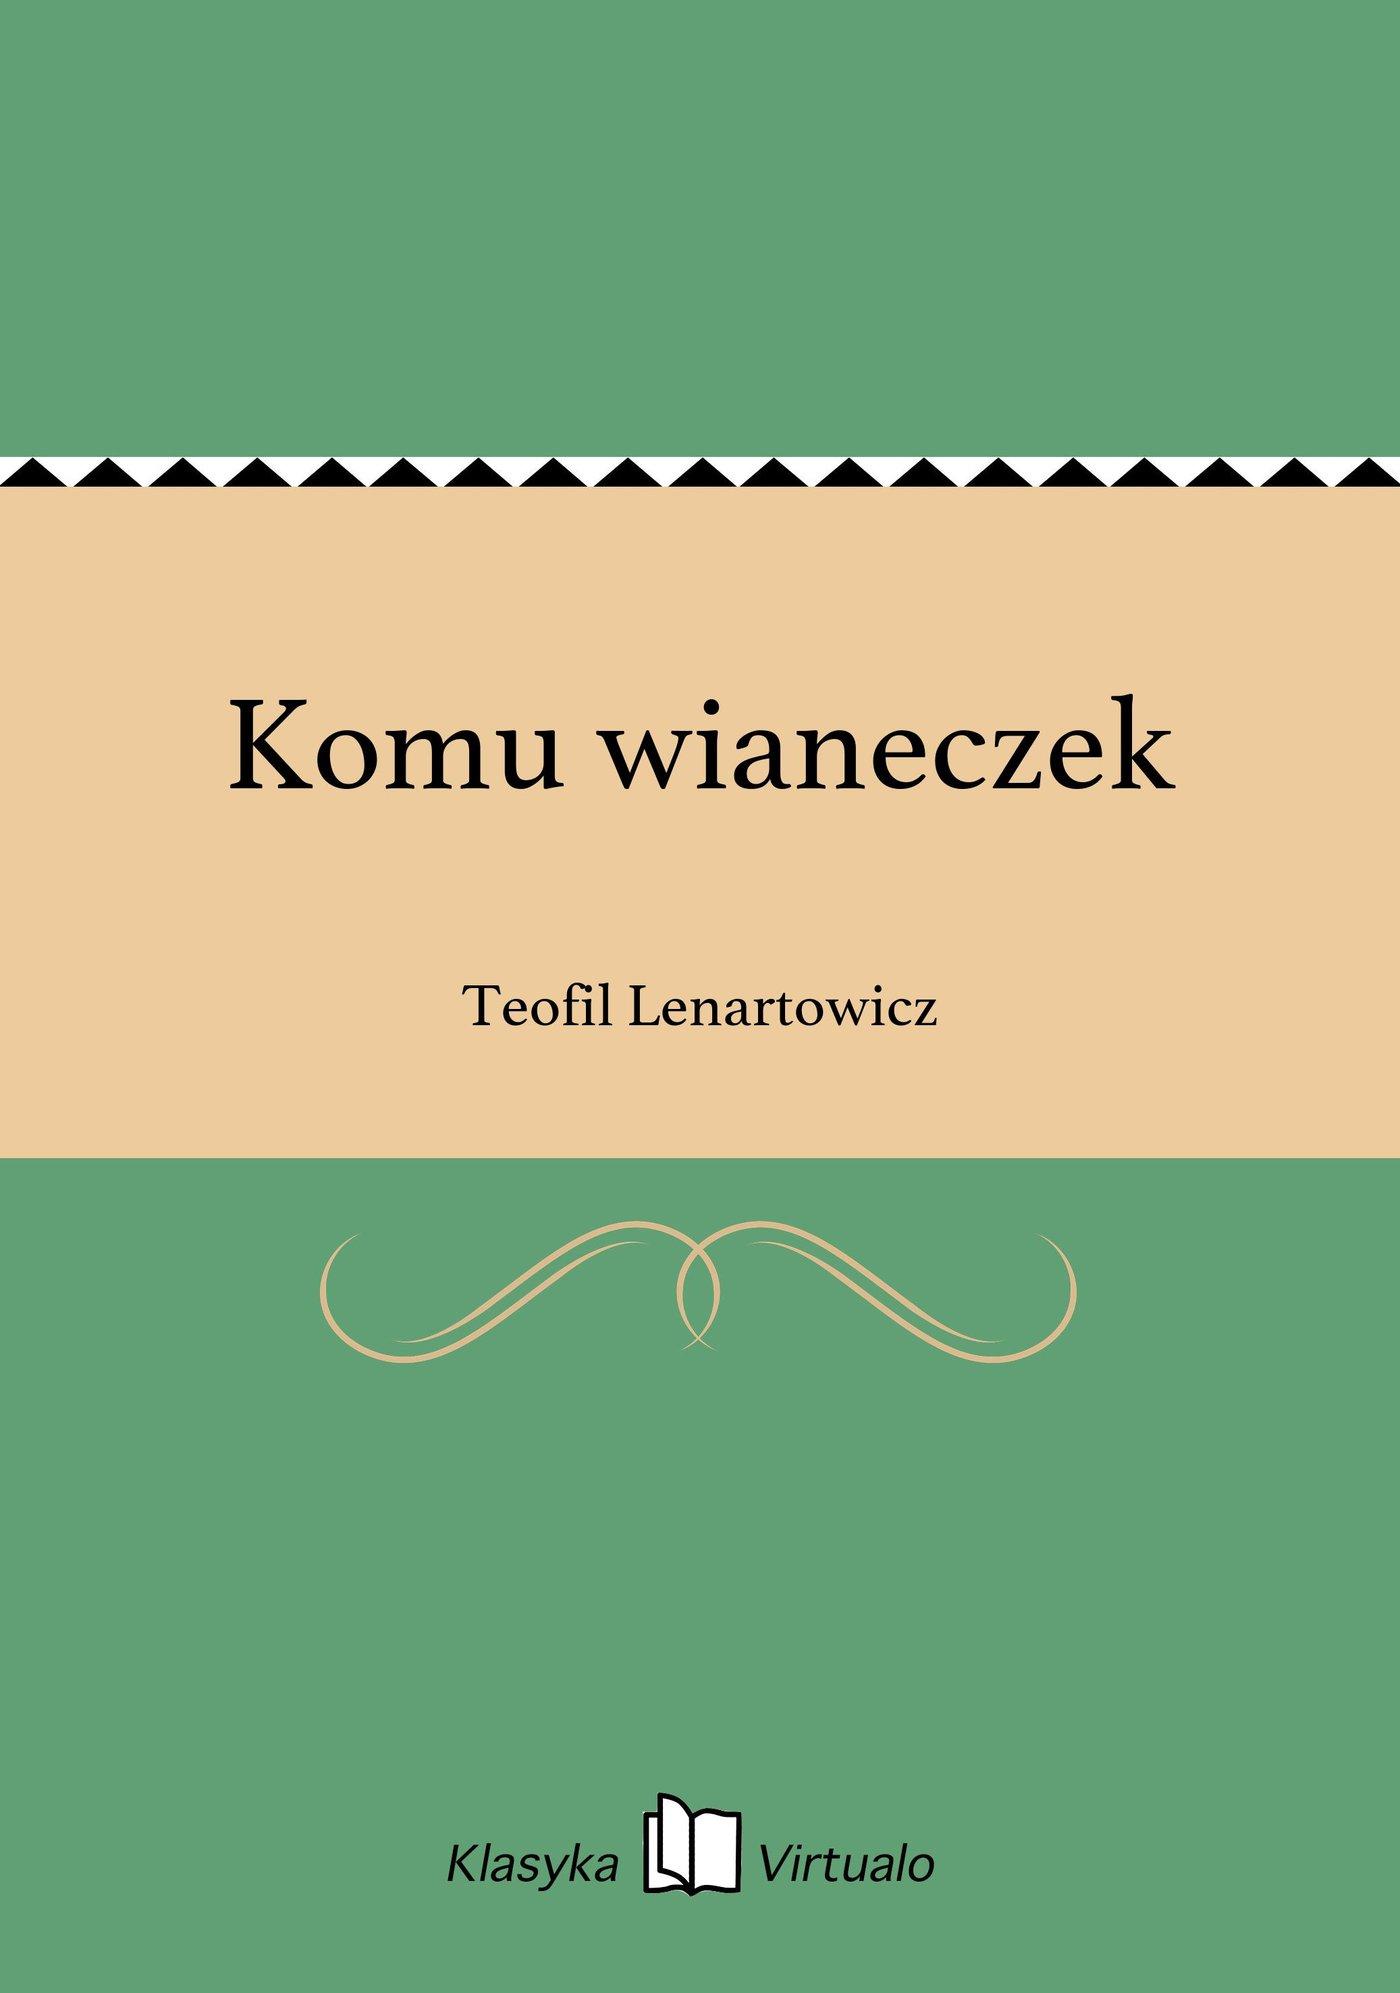 Komu wianeczek - Ebook (Książka EPUB) do pobrania w formacie EPUB